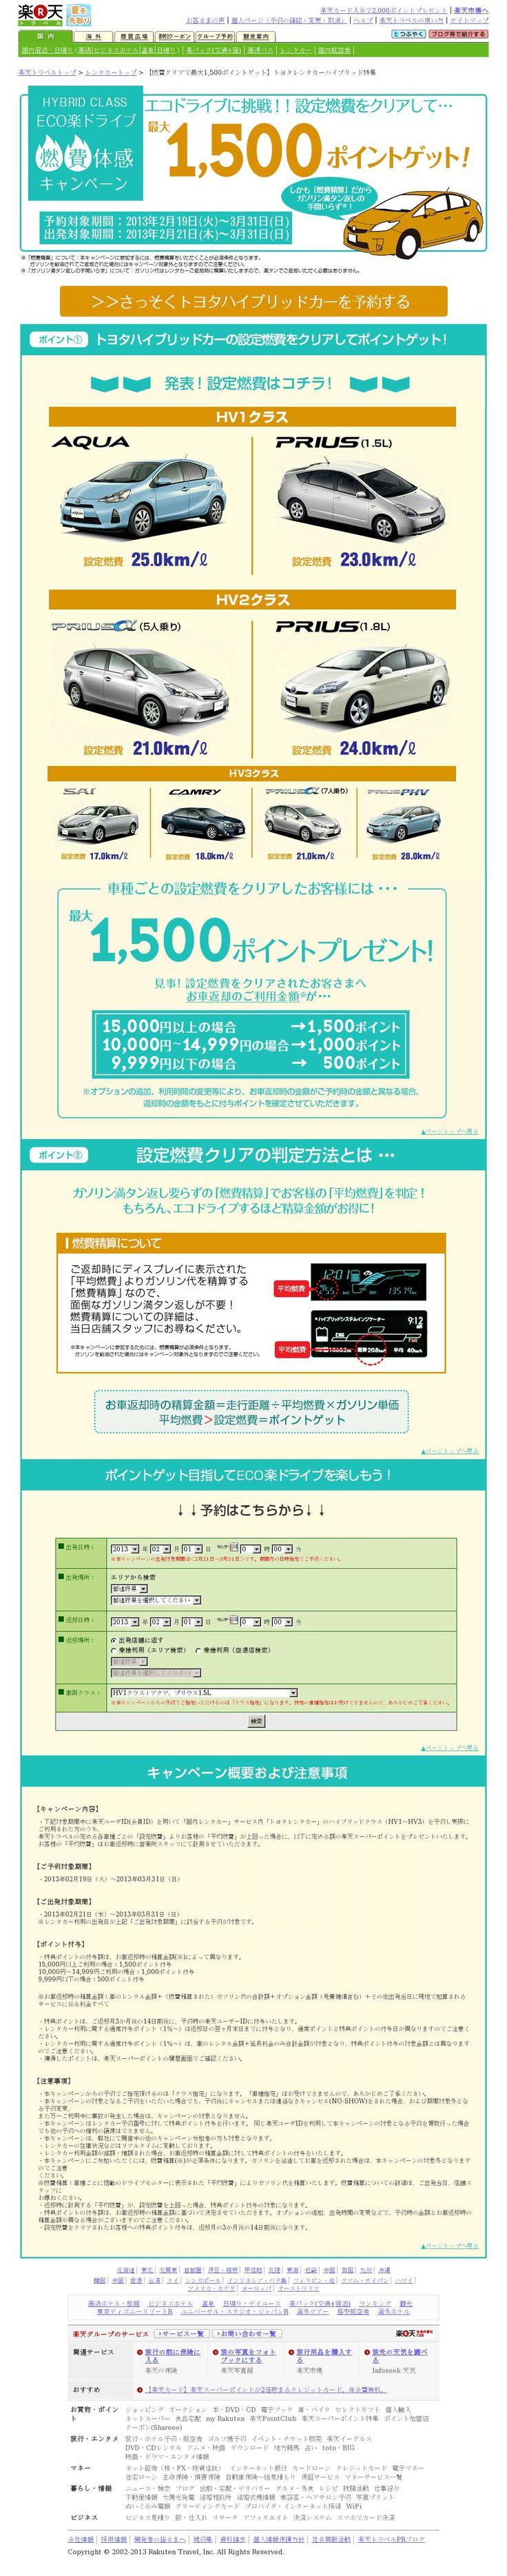 【D/C】【レンタカー】トヨタレンタカーハイブリッド特集<2013/01/28>